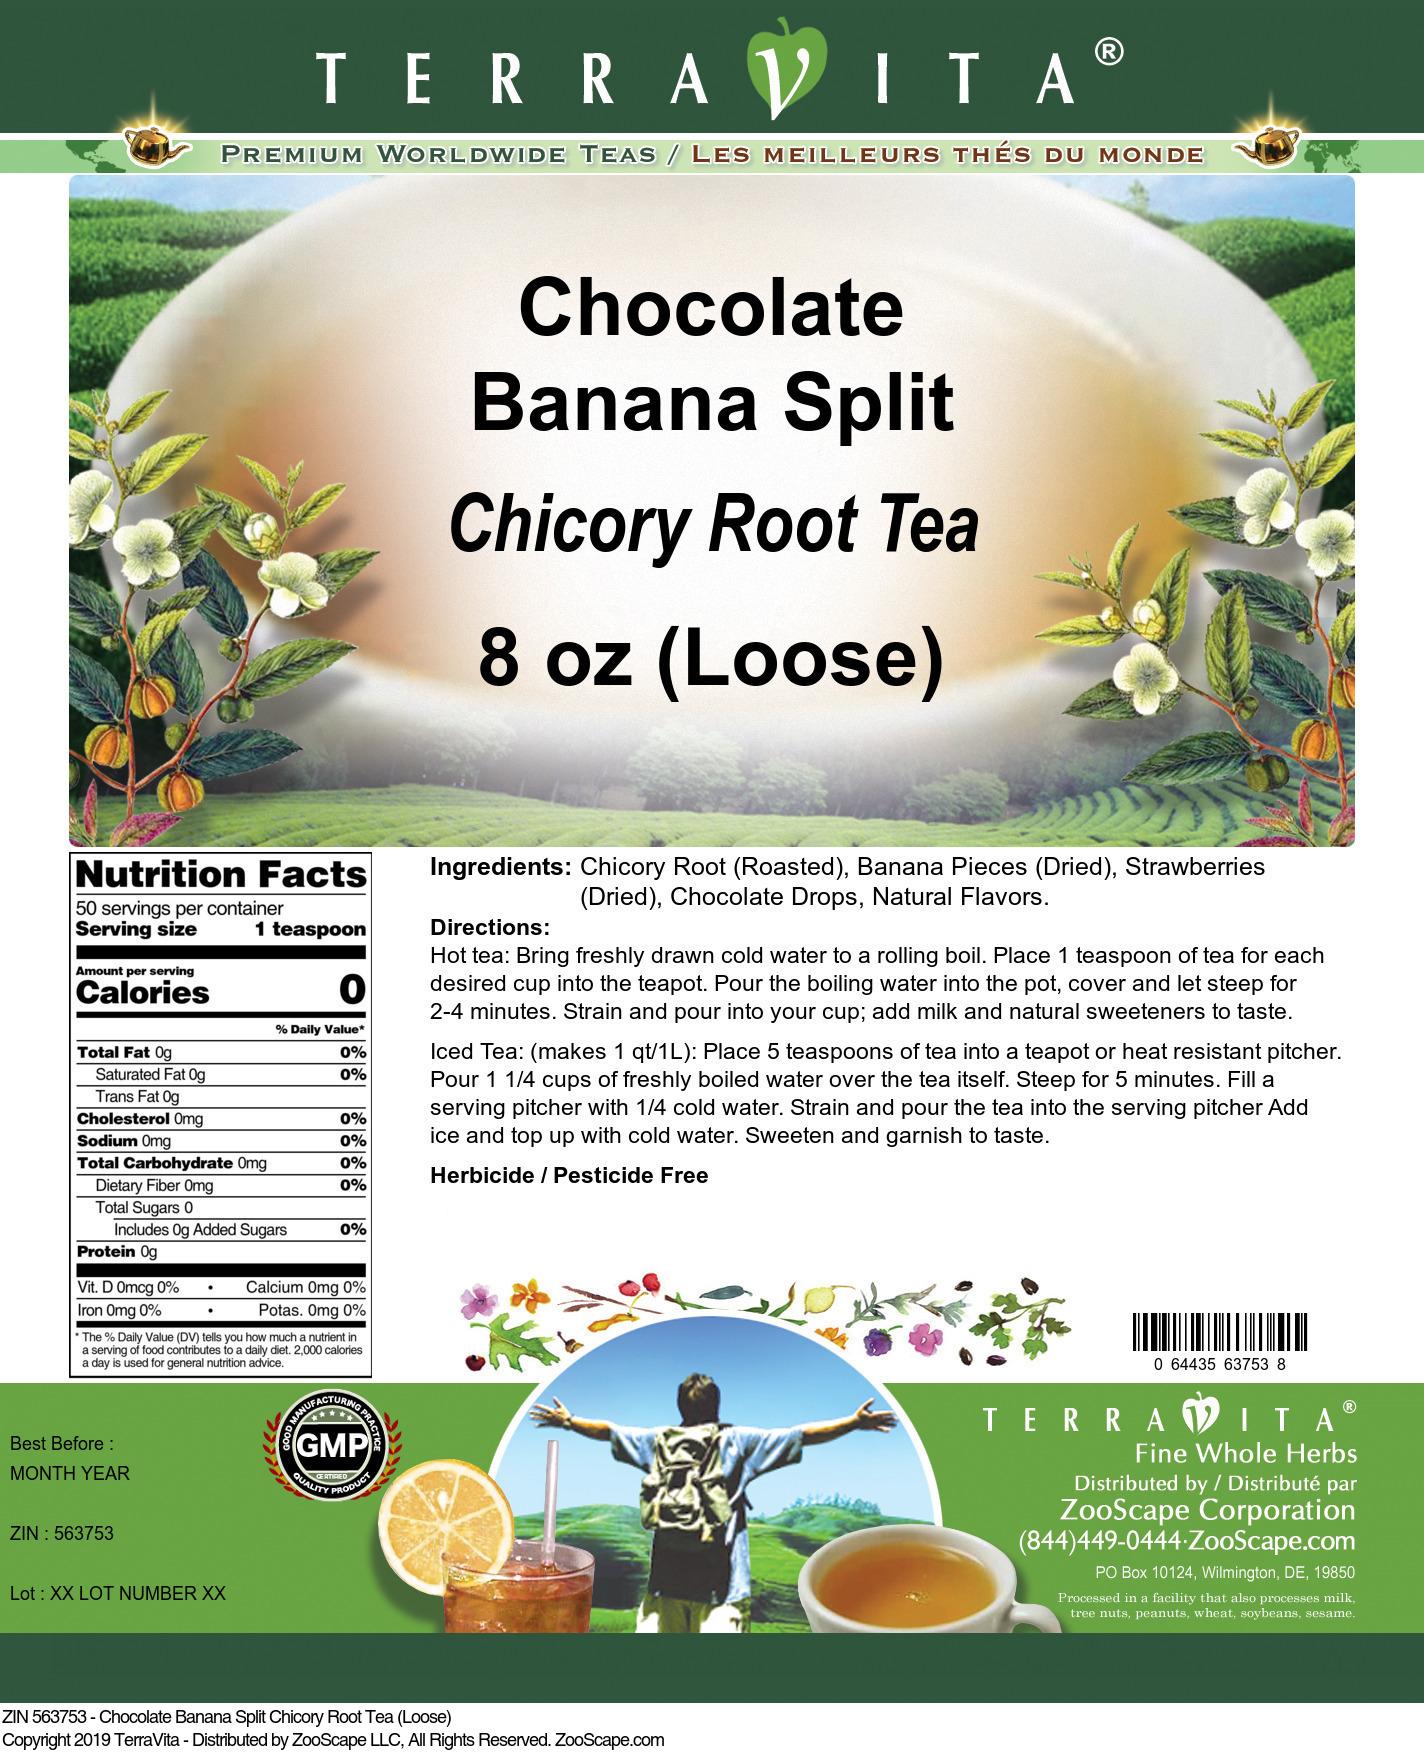 Chocolate Banana Split Chicory Root